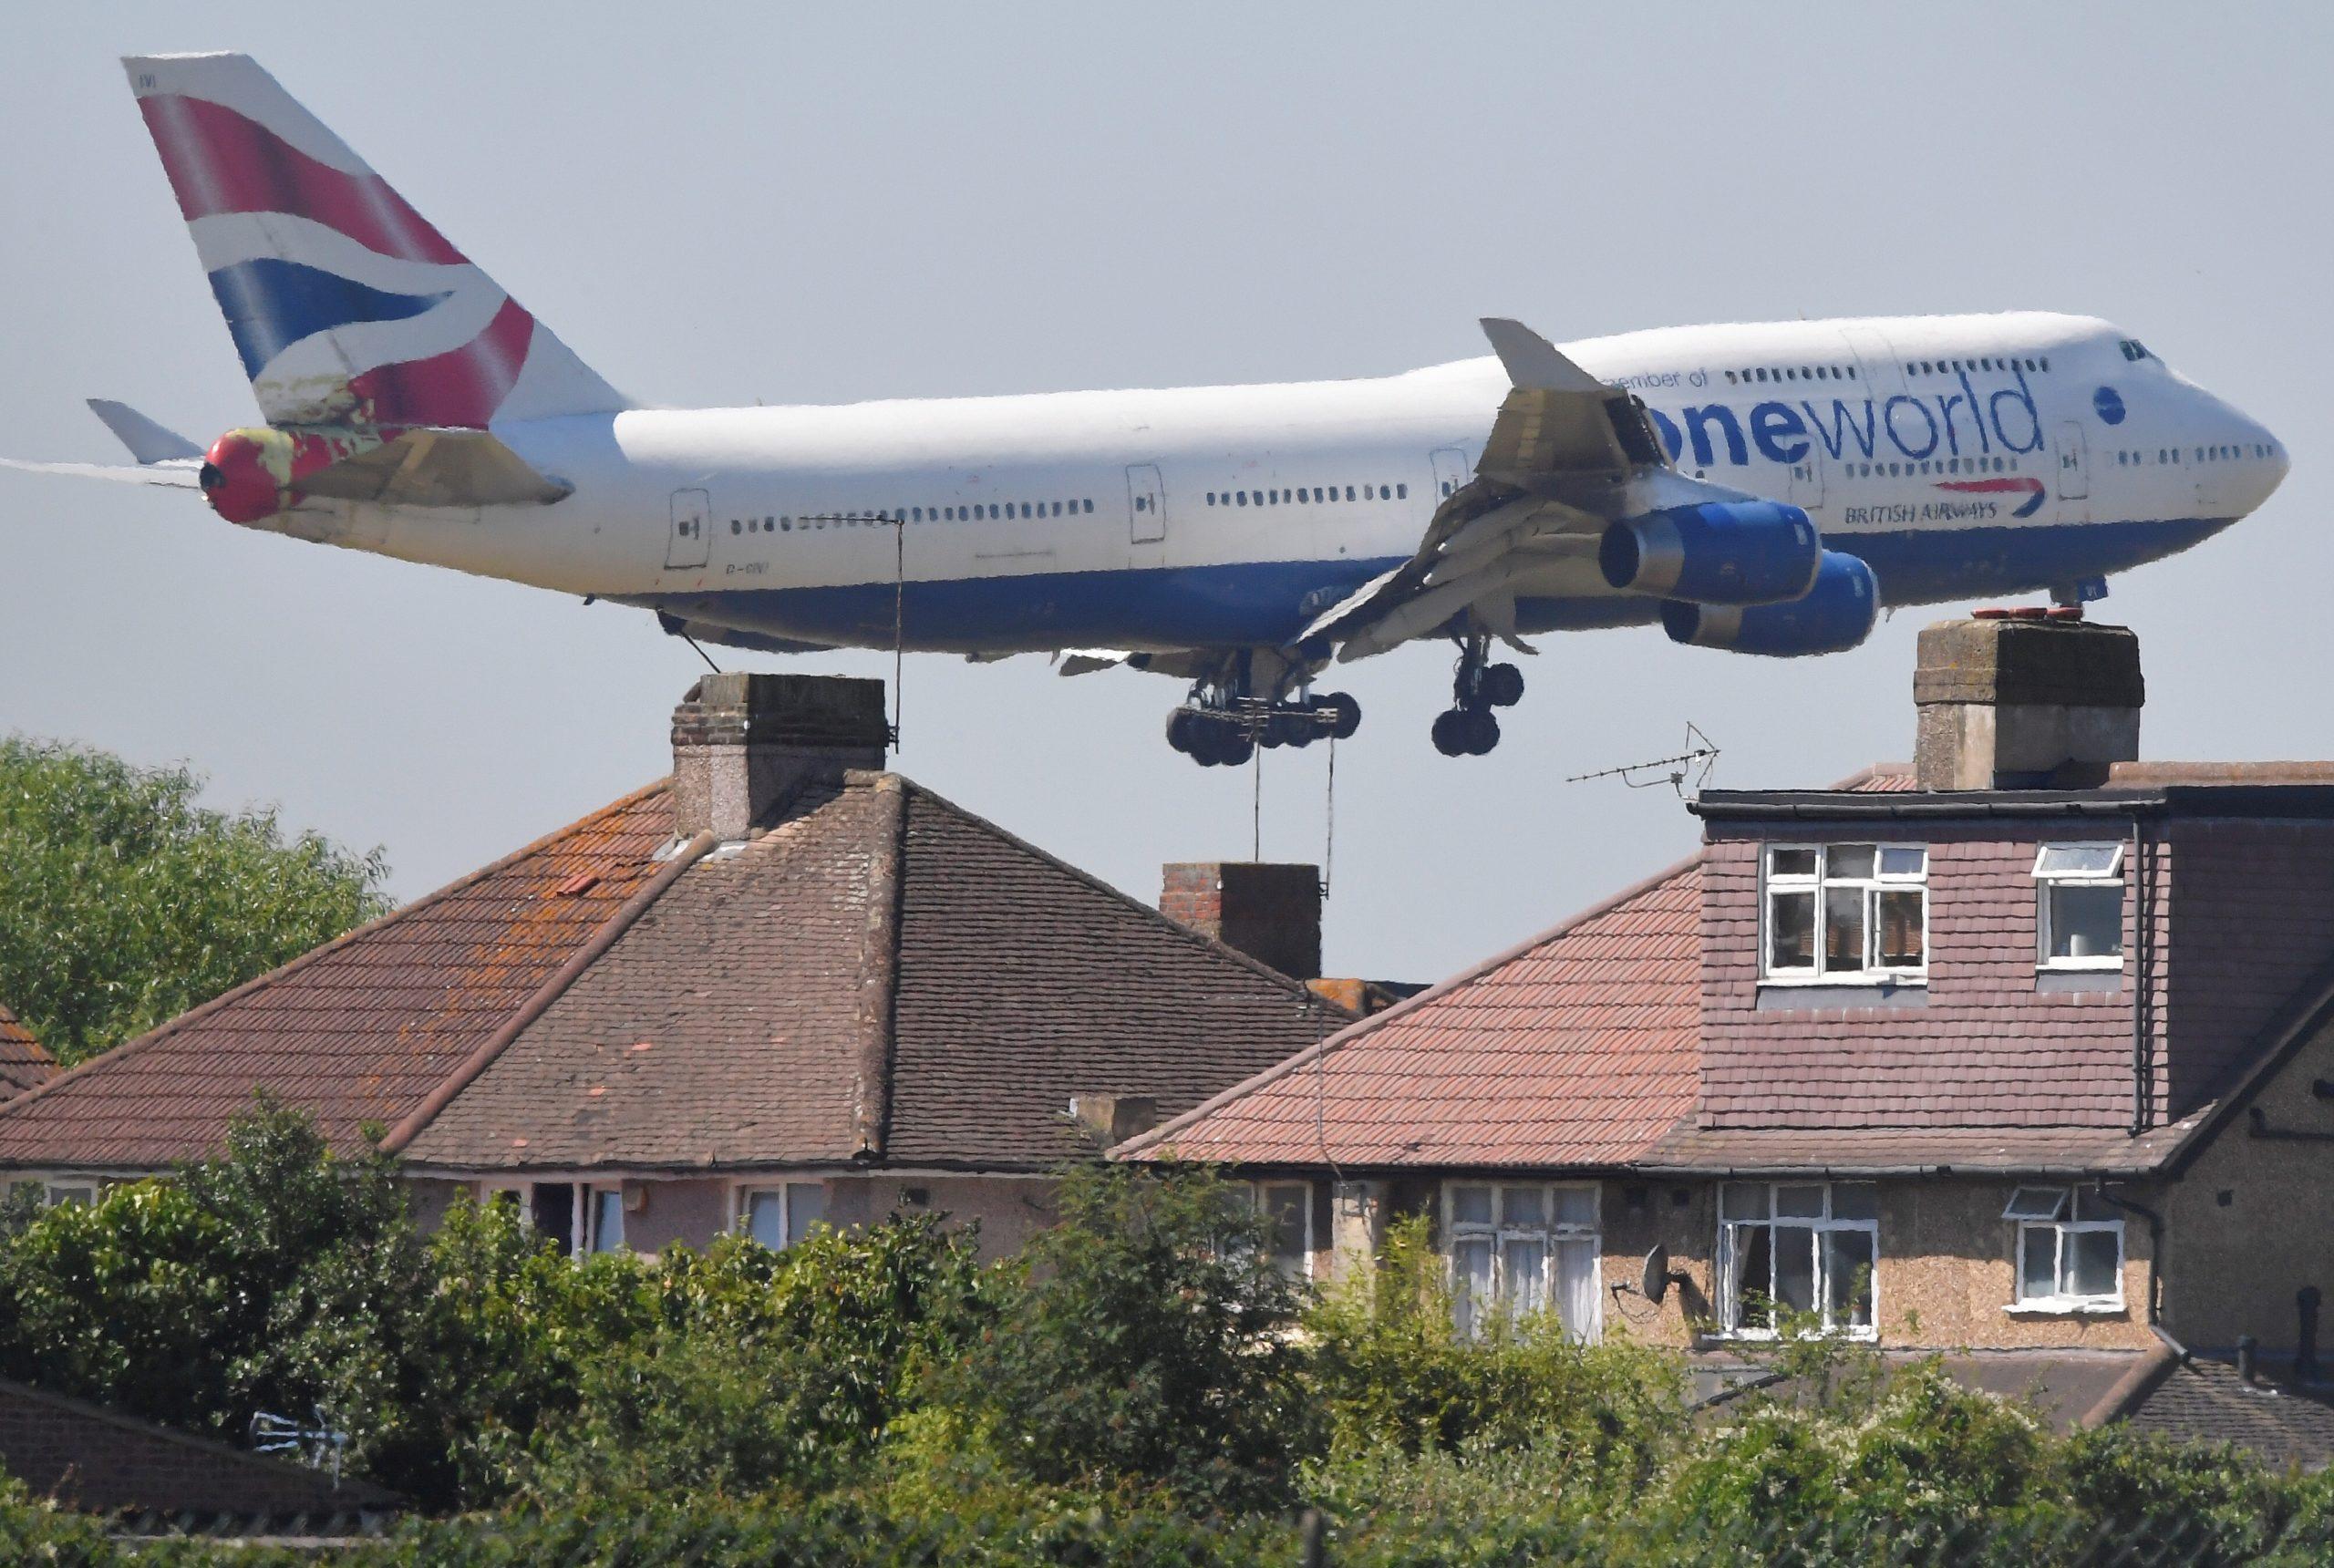 Κοροναϊός: Ακυρώθηκαν όλες οι πτήσεις της British Airways προς την Κίνα